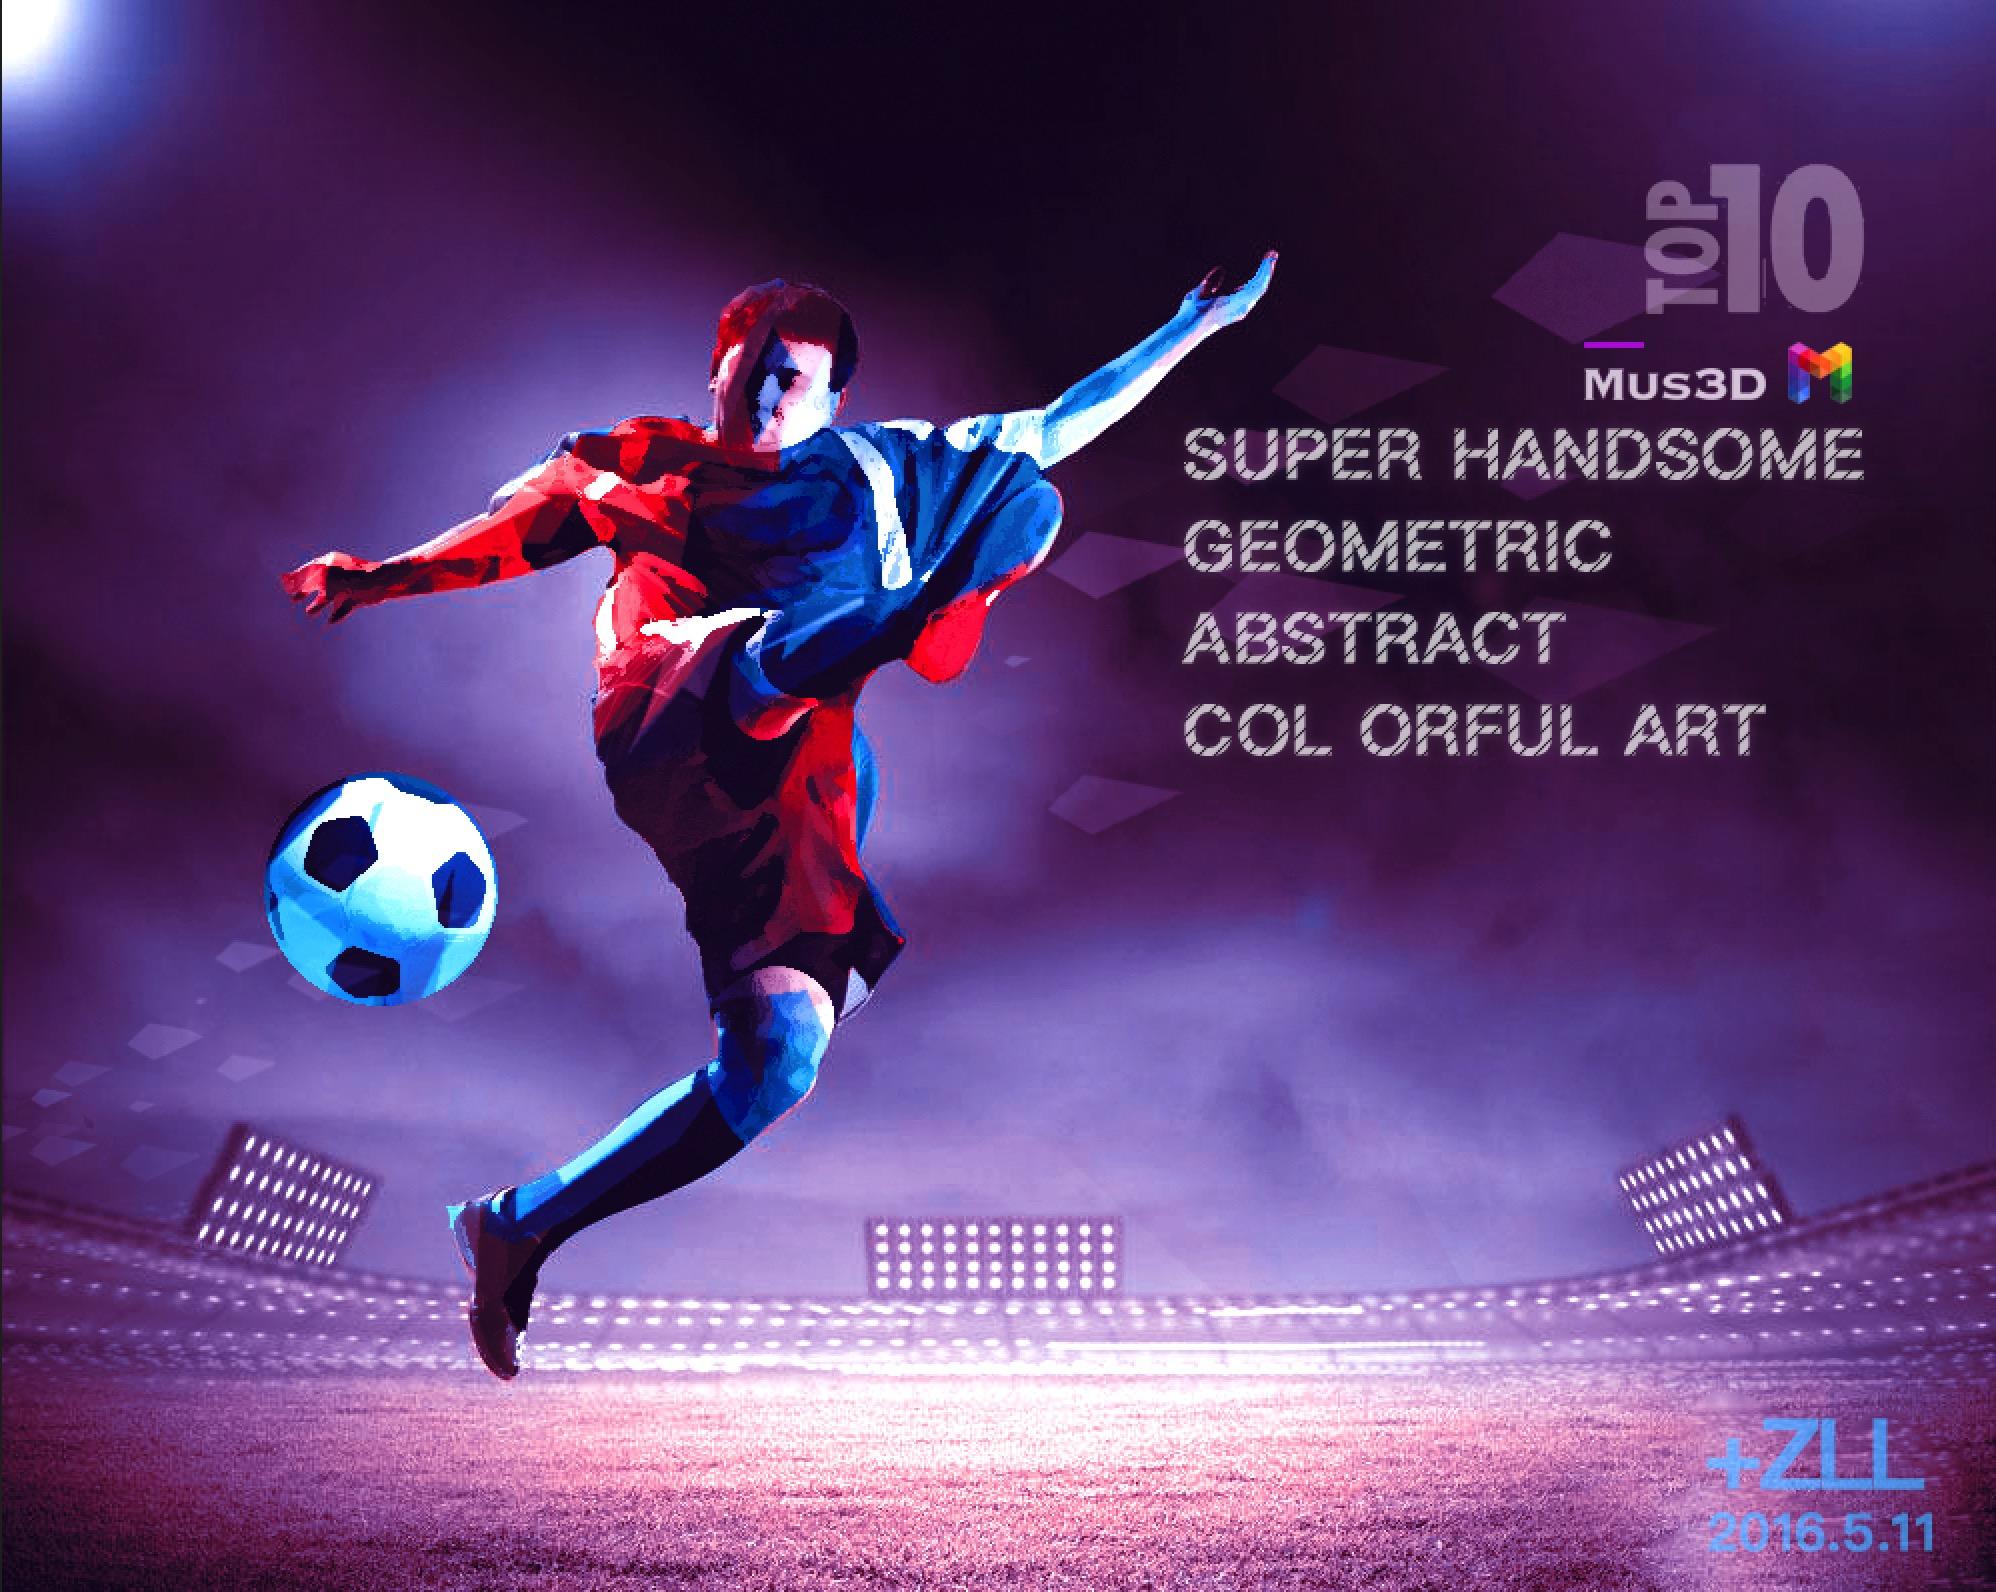 平面海报,足球运动员,速度体现,地铁海报质感